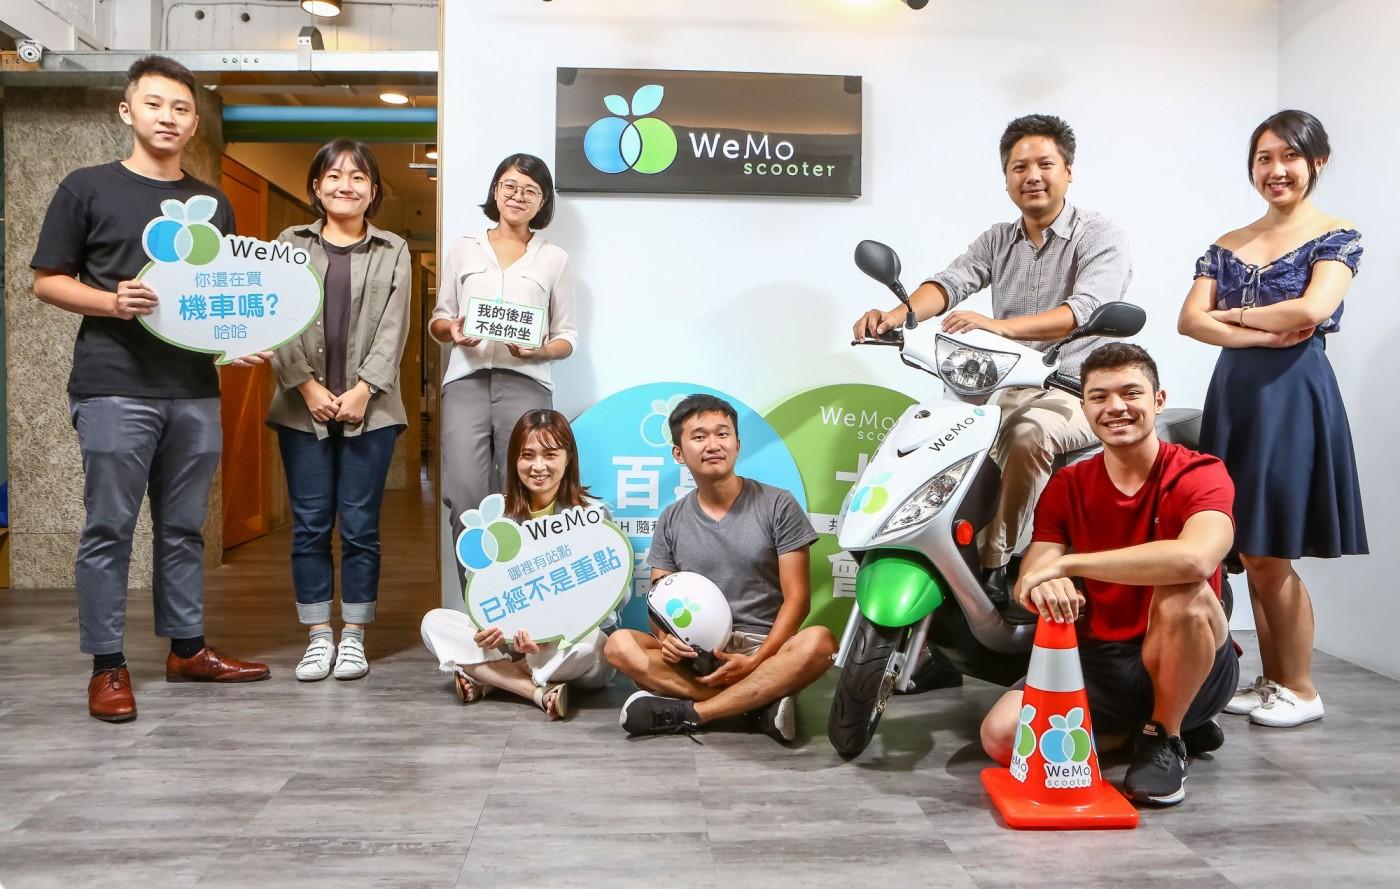 共享電動機車新秀GoShare竄起,老大哥WeMo如何見招拆招?